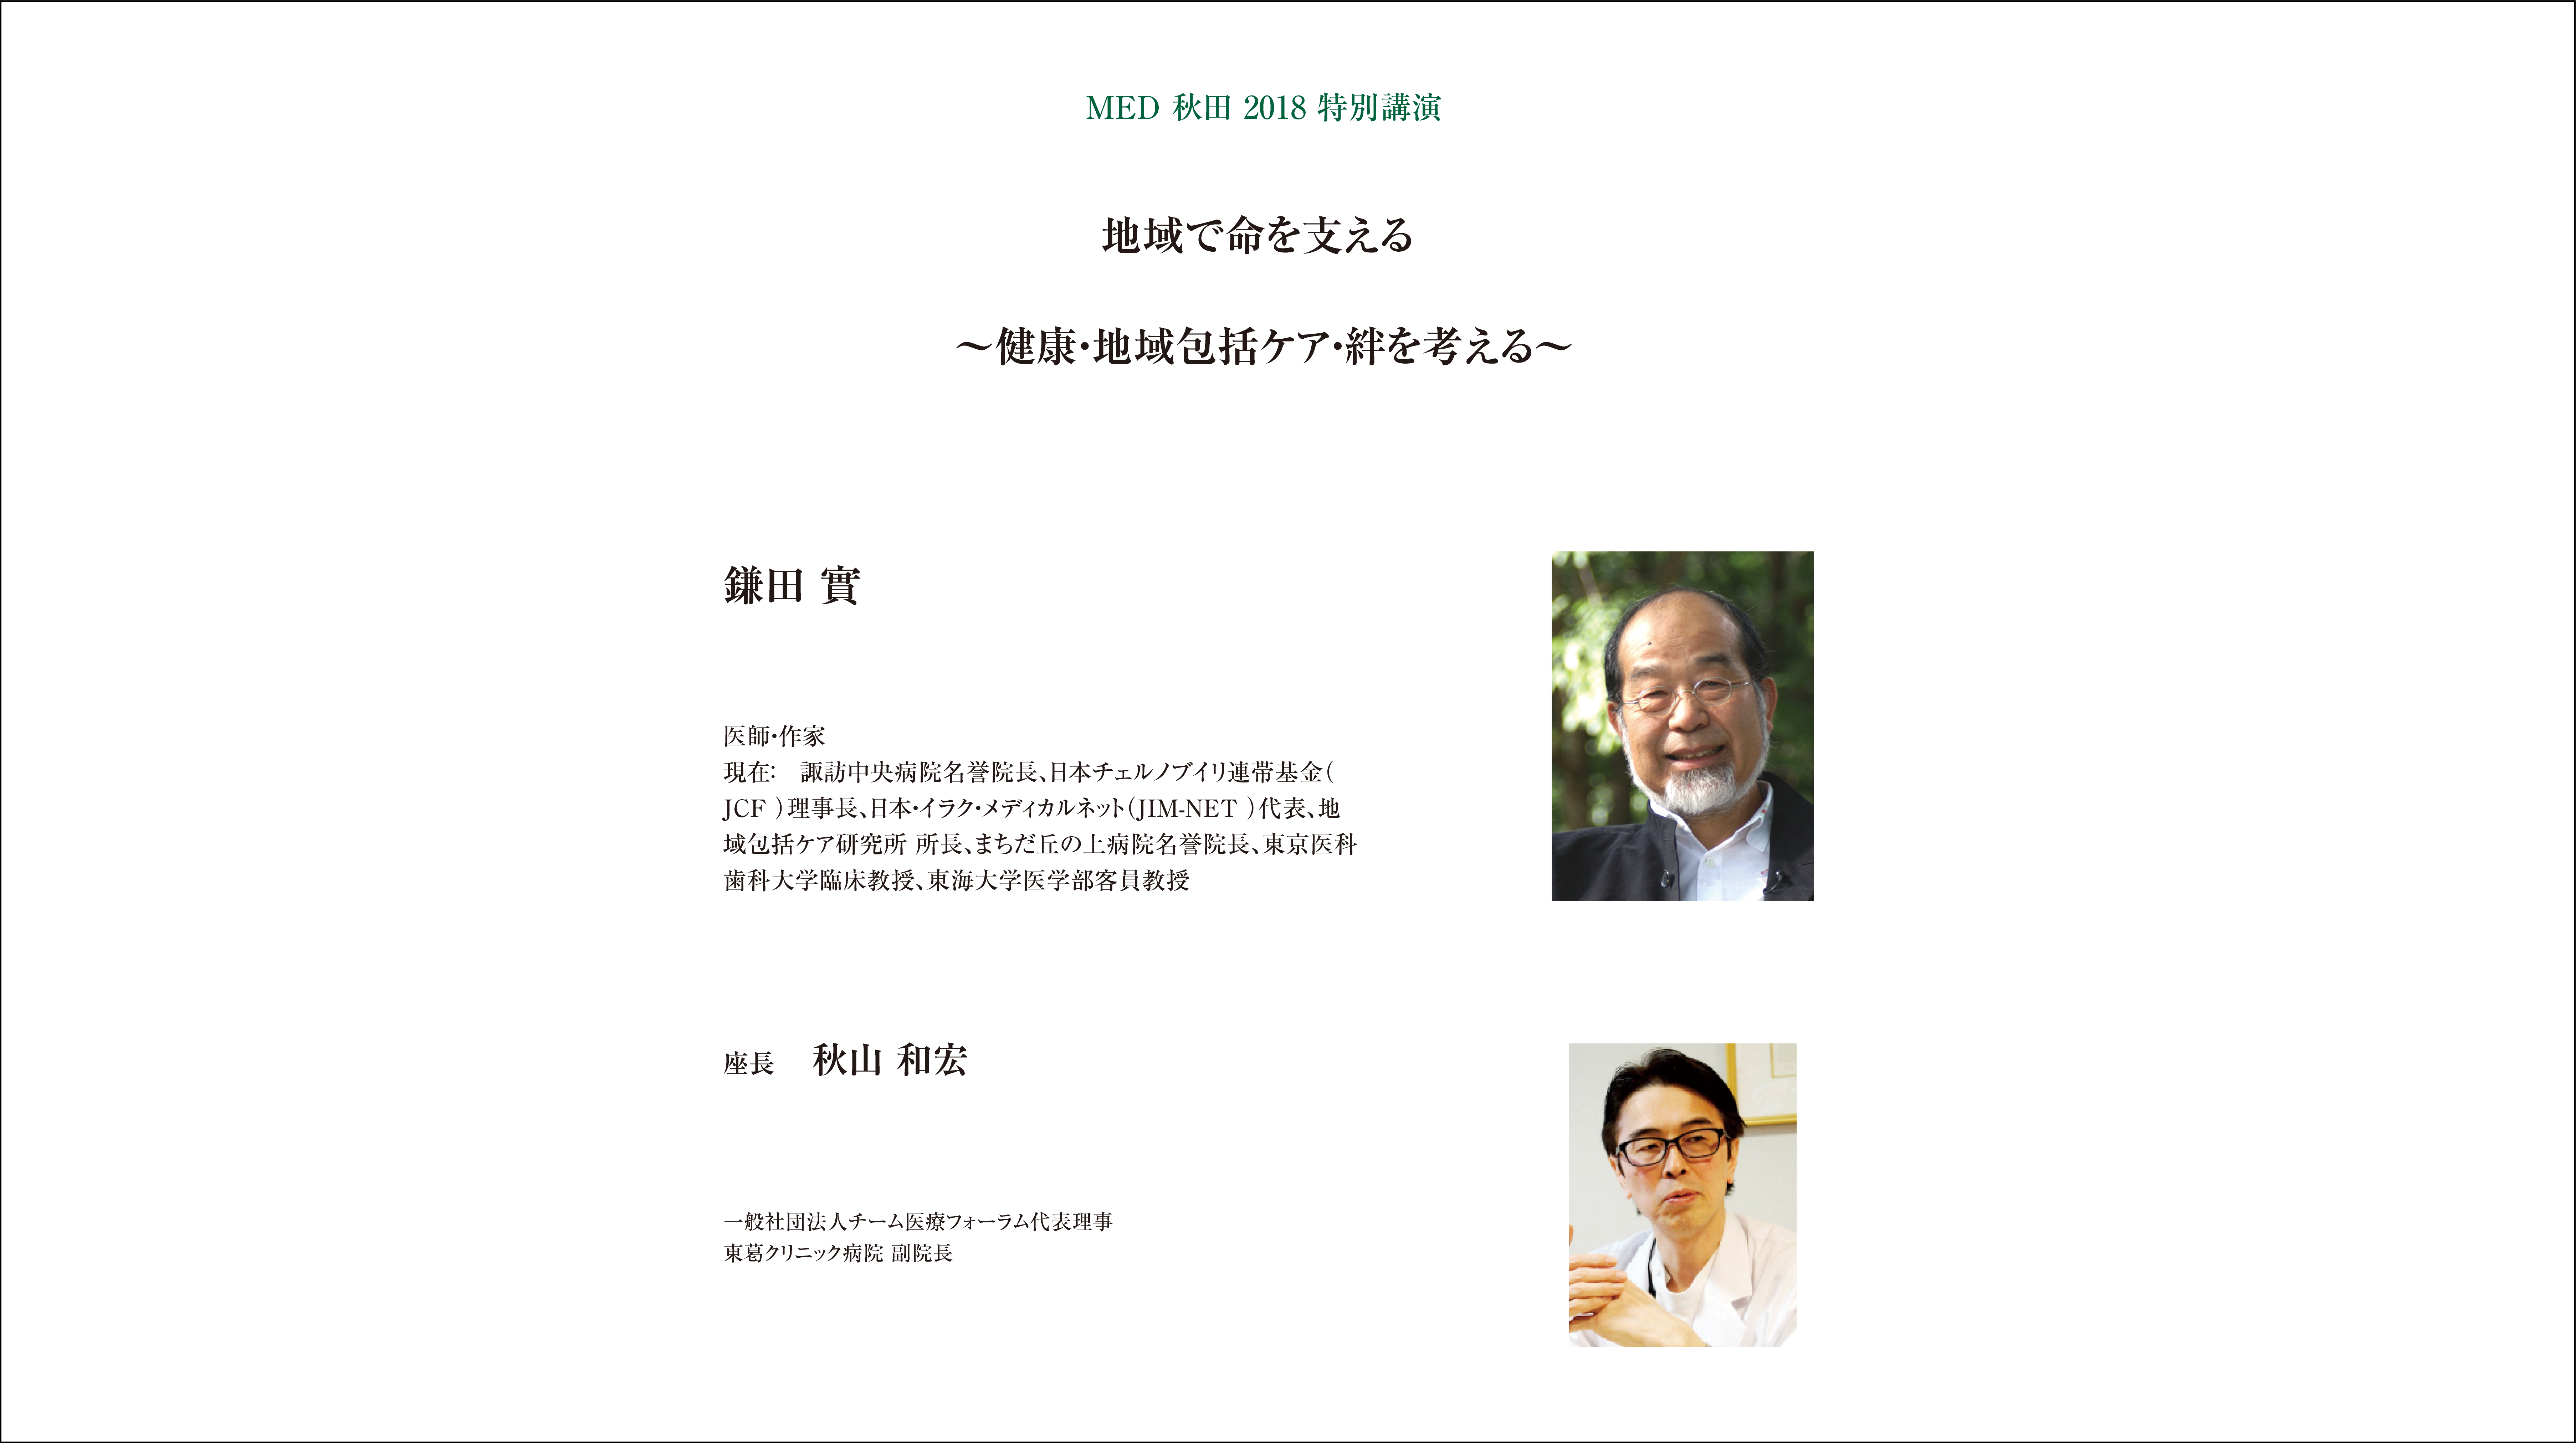 MED 秋田 2018特別講演